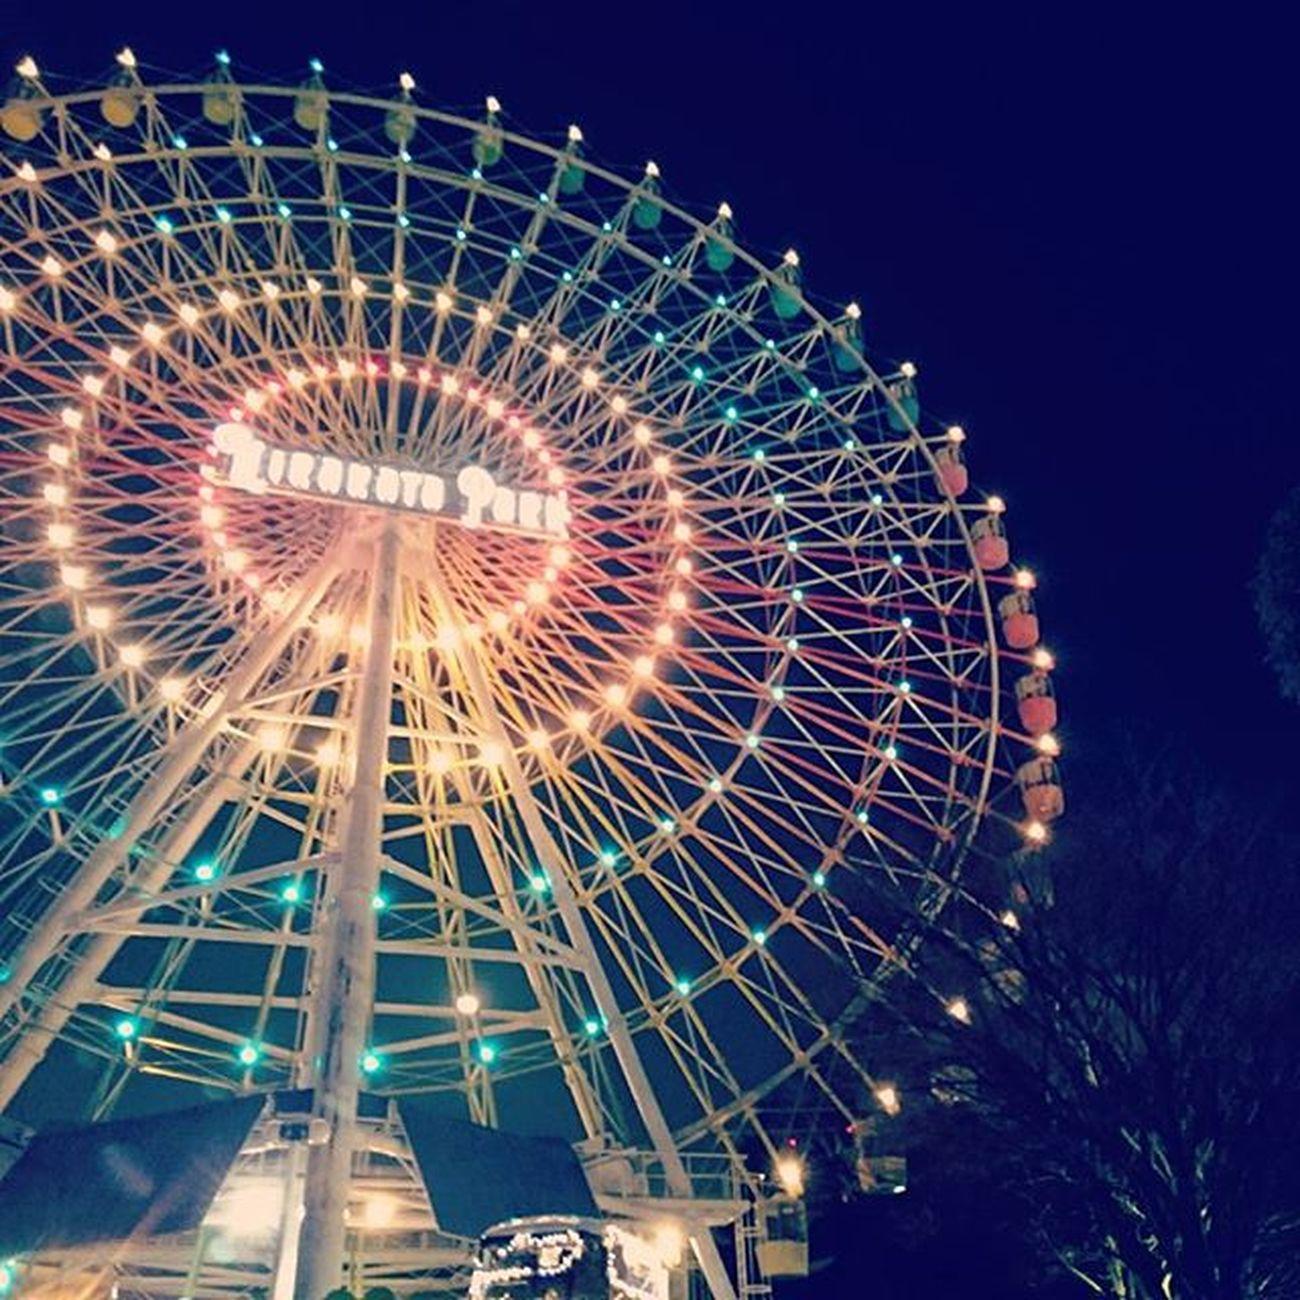 * 高所恐怖症の友達が付き合ってくれて乗れた観覧車。 ひらかたパーク ひらパー 観覧車 Japanfocus Igers Igersjp Team_jp